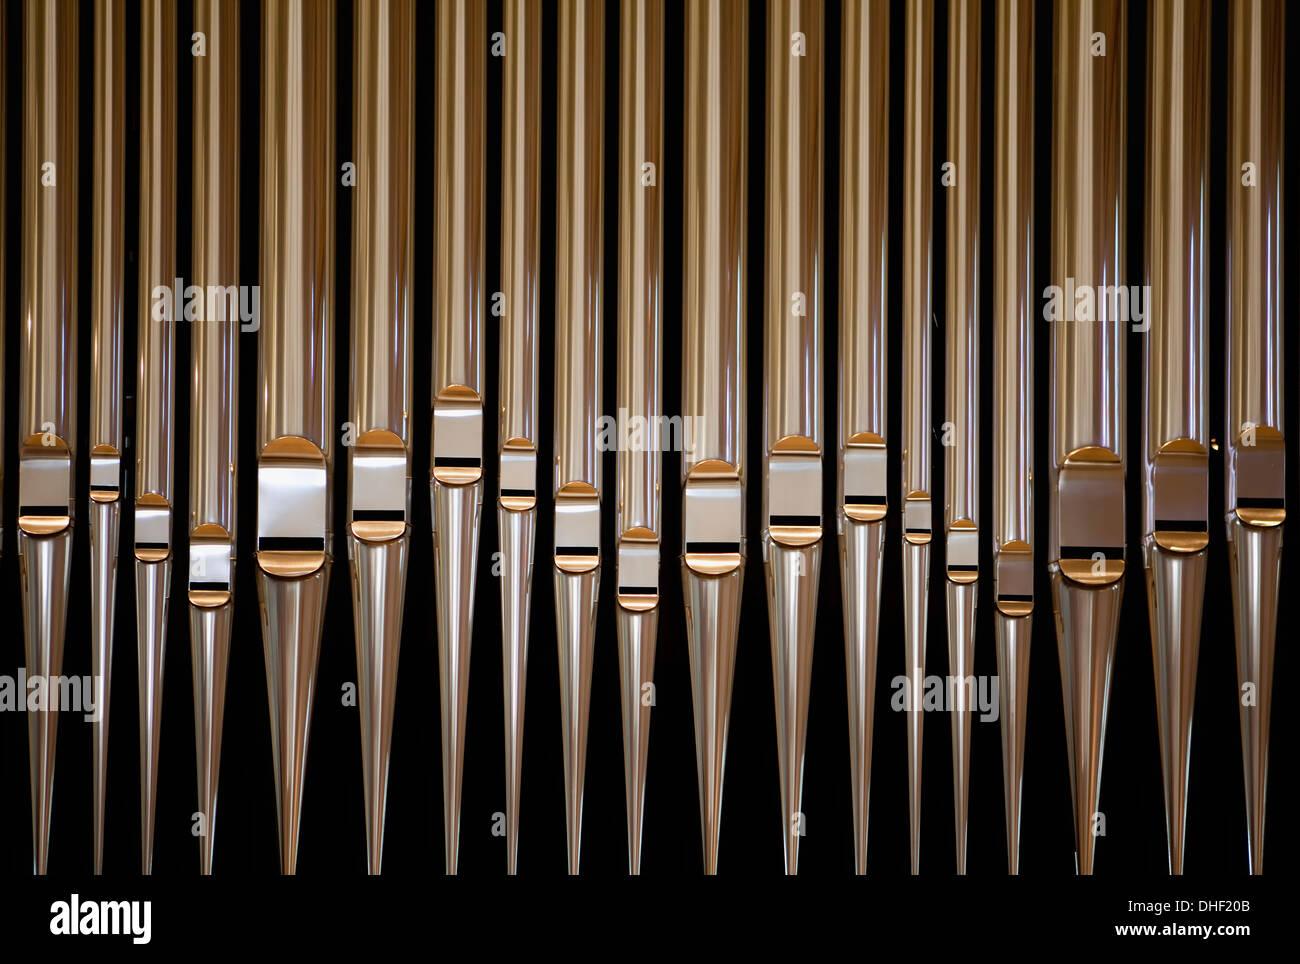 Tuyaux d'orgue, monastère cistercien Loccum, Basse-Saxe, Allemagne Photo Stock